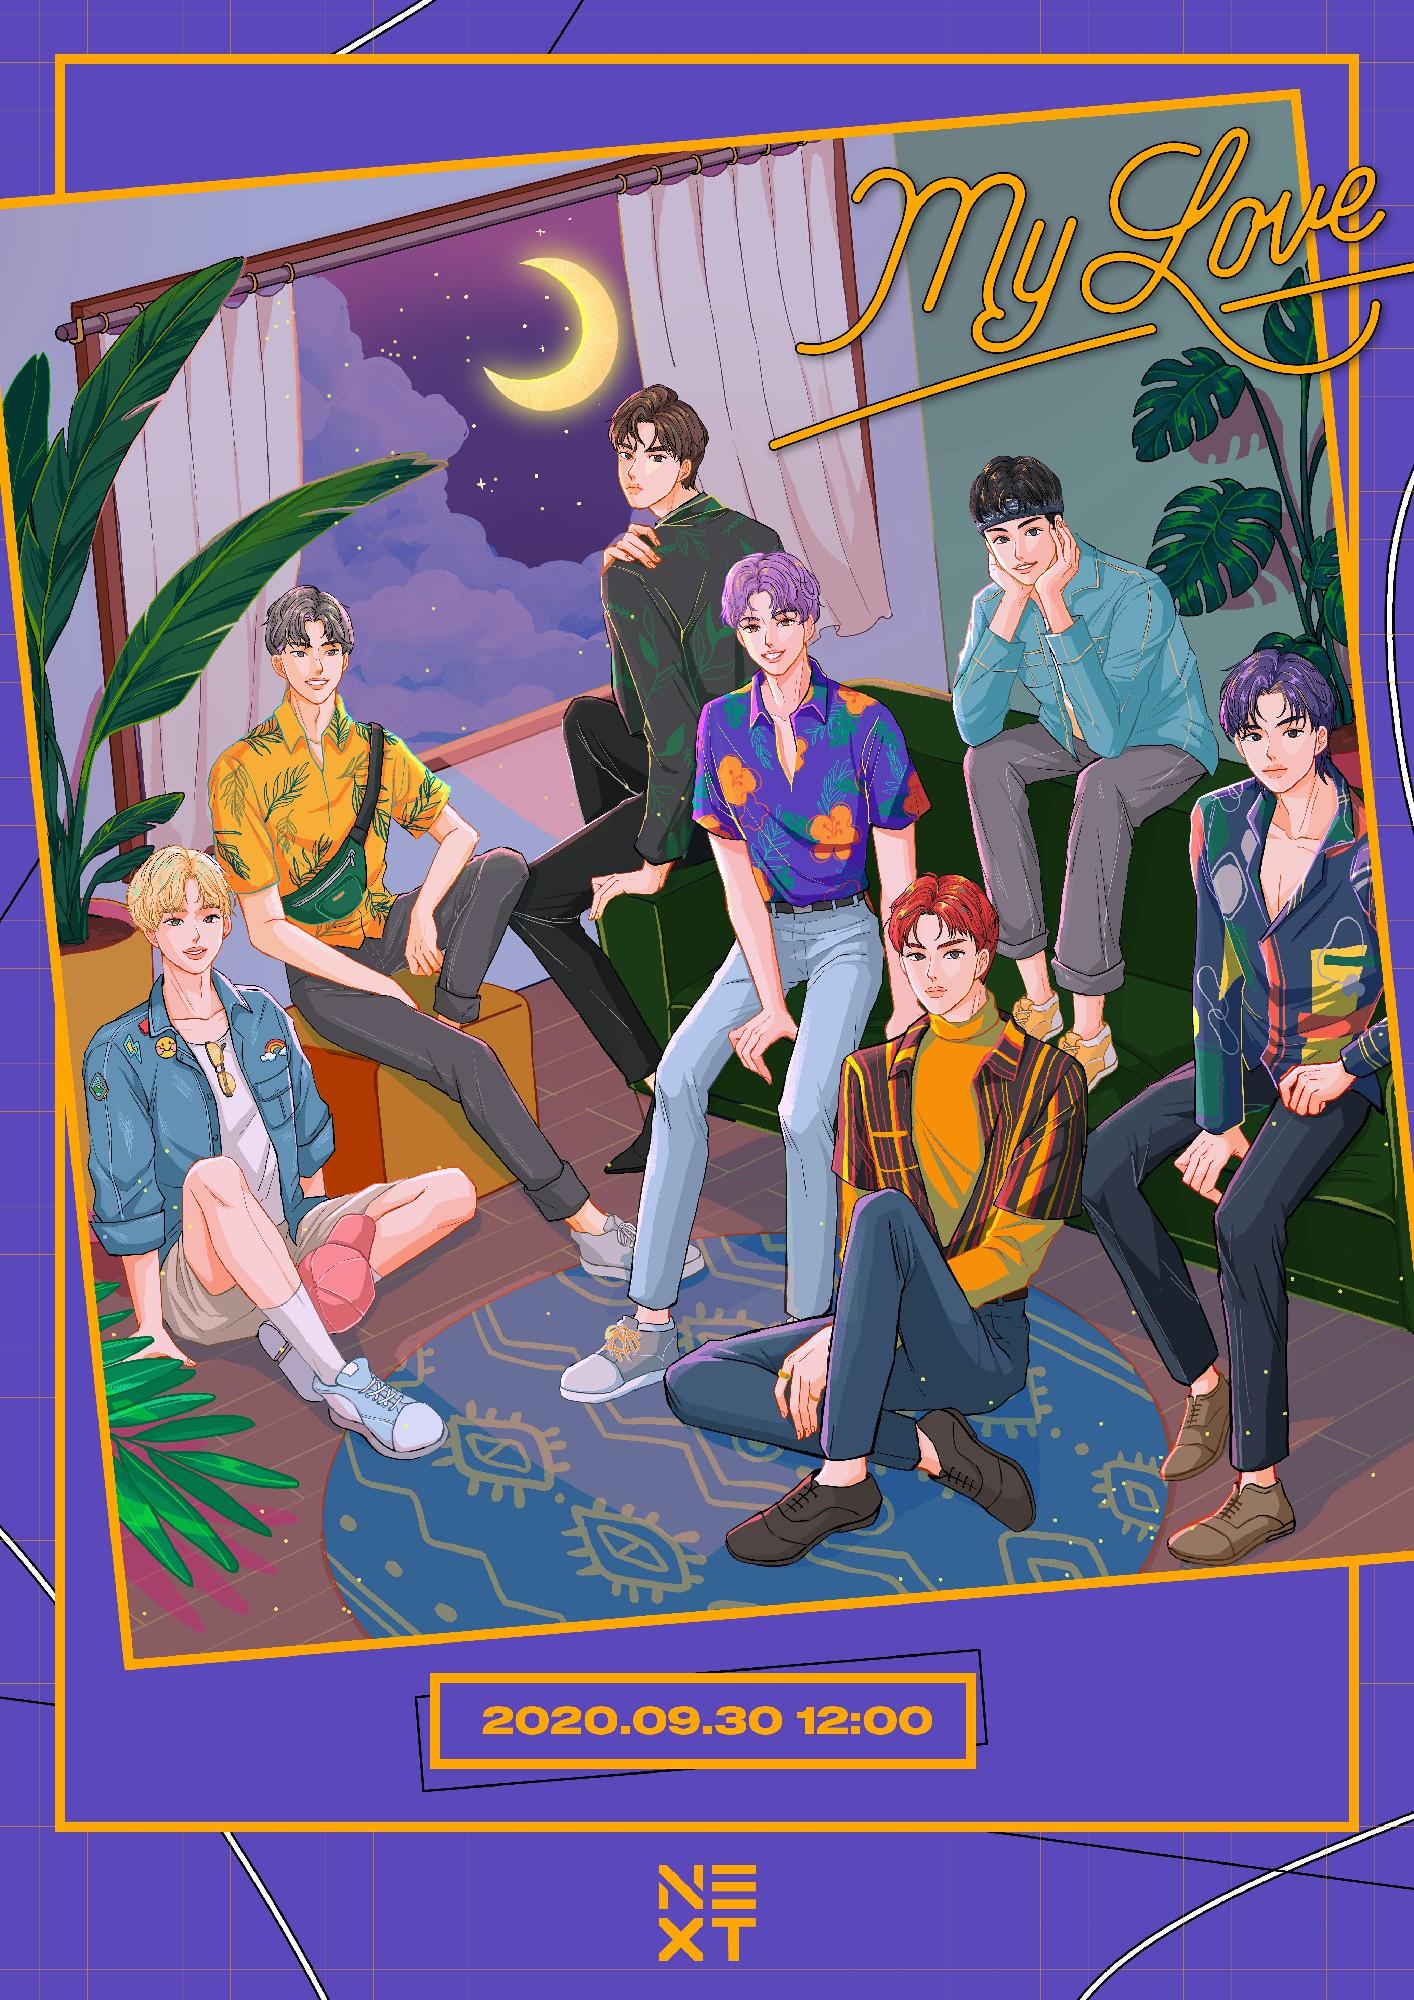 乐华NEXT全新单曲《My Love》上线 感受少年们的秋日浪漫